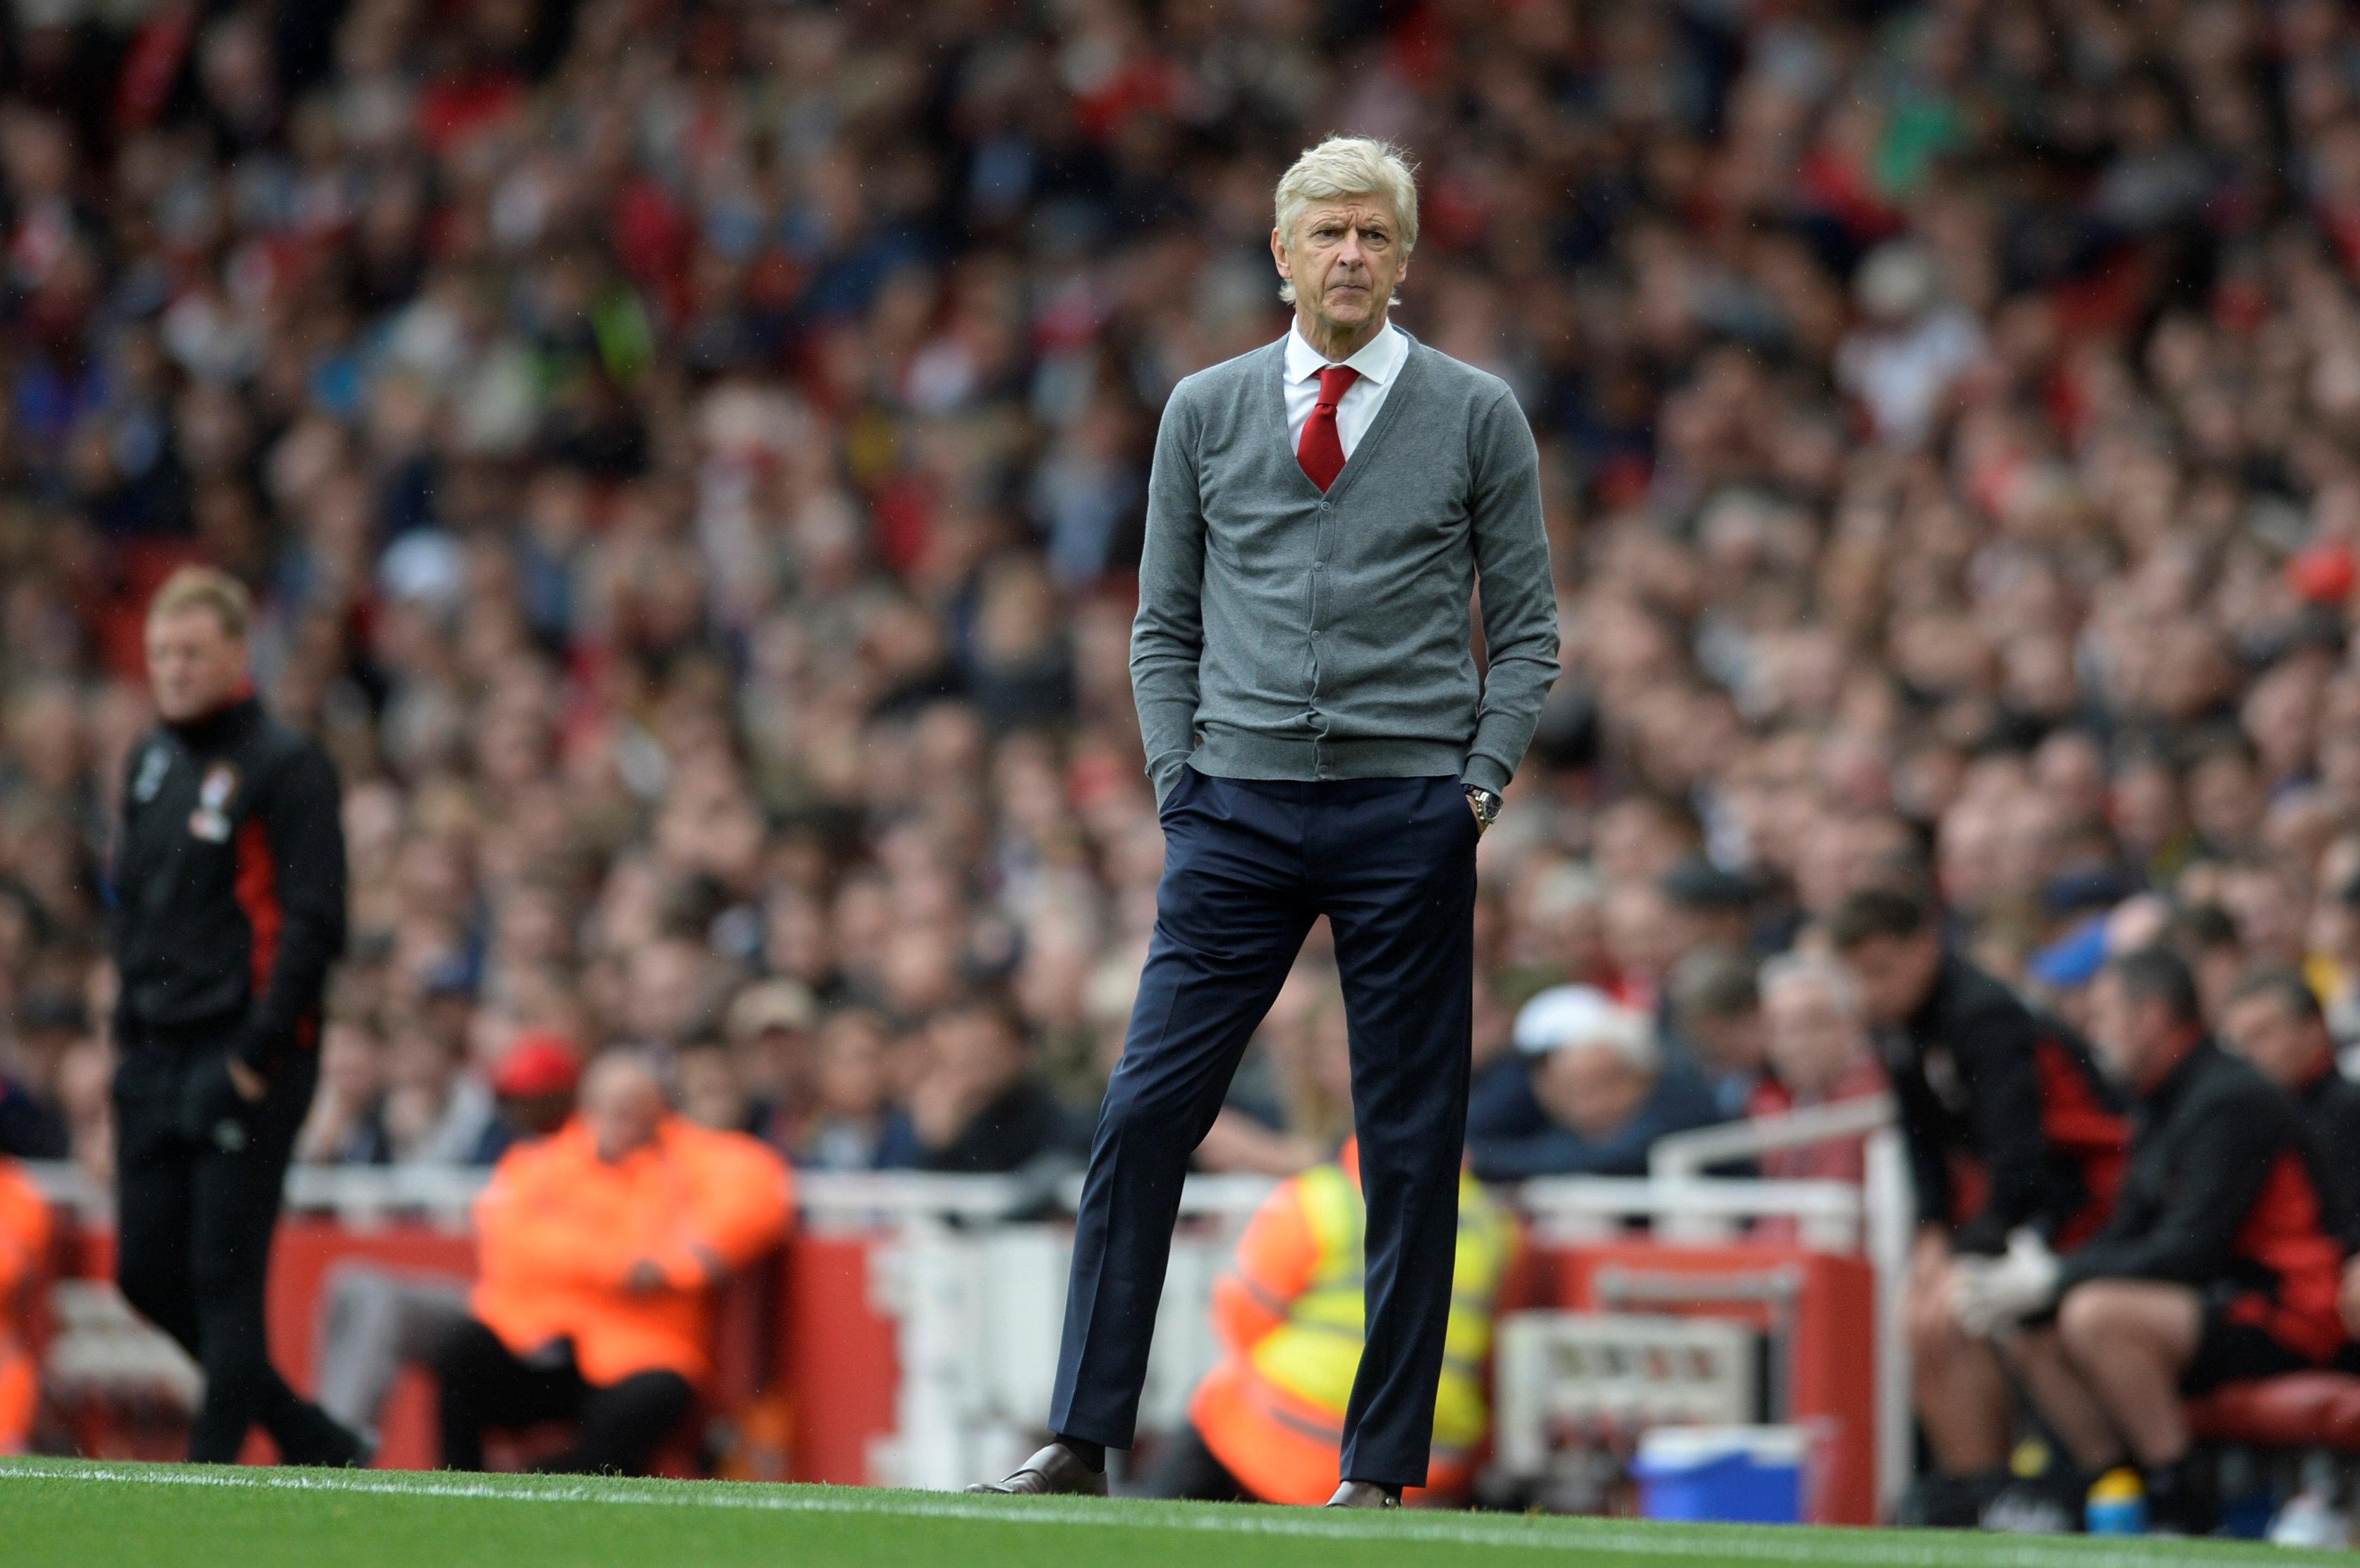 Football - Etranger - Dos au mur, Arsenal joue déjà gros contre Chelsea